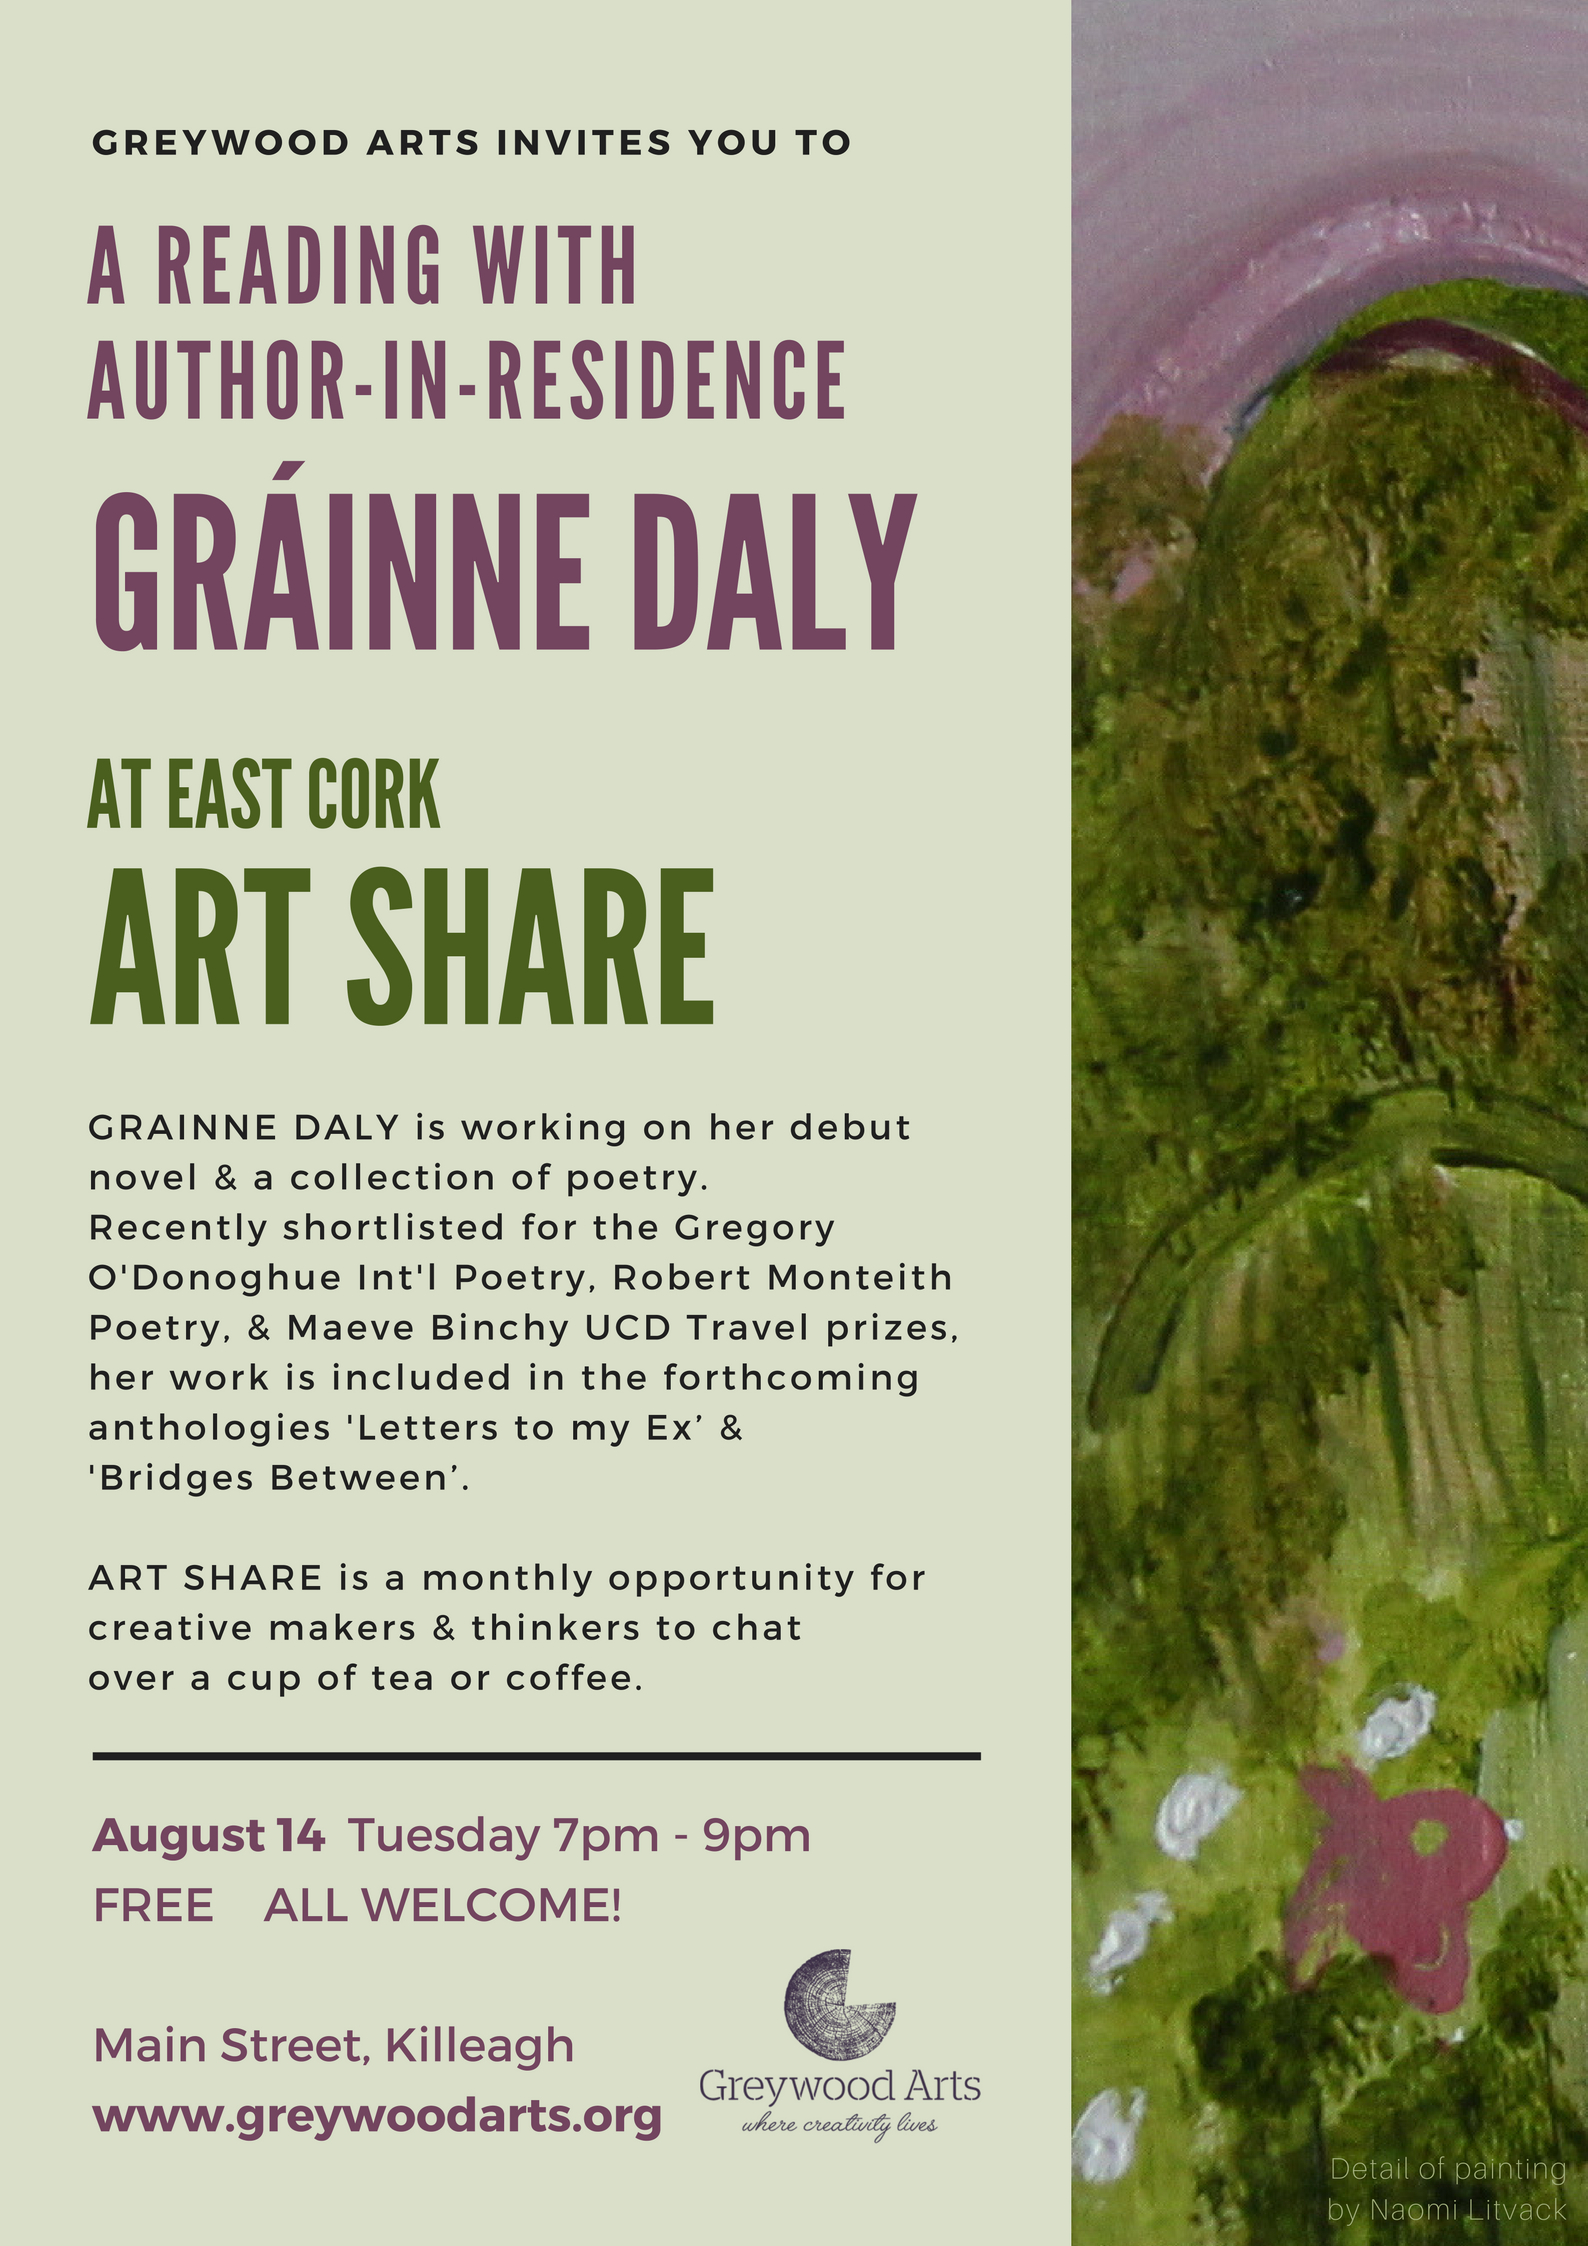 Art Share - Aug